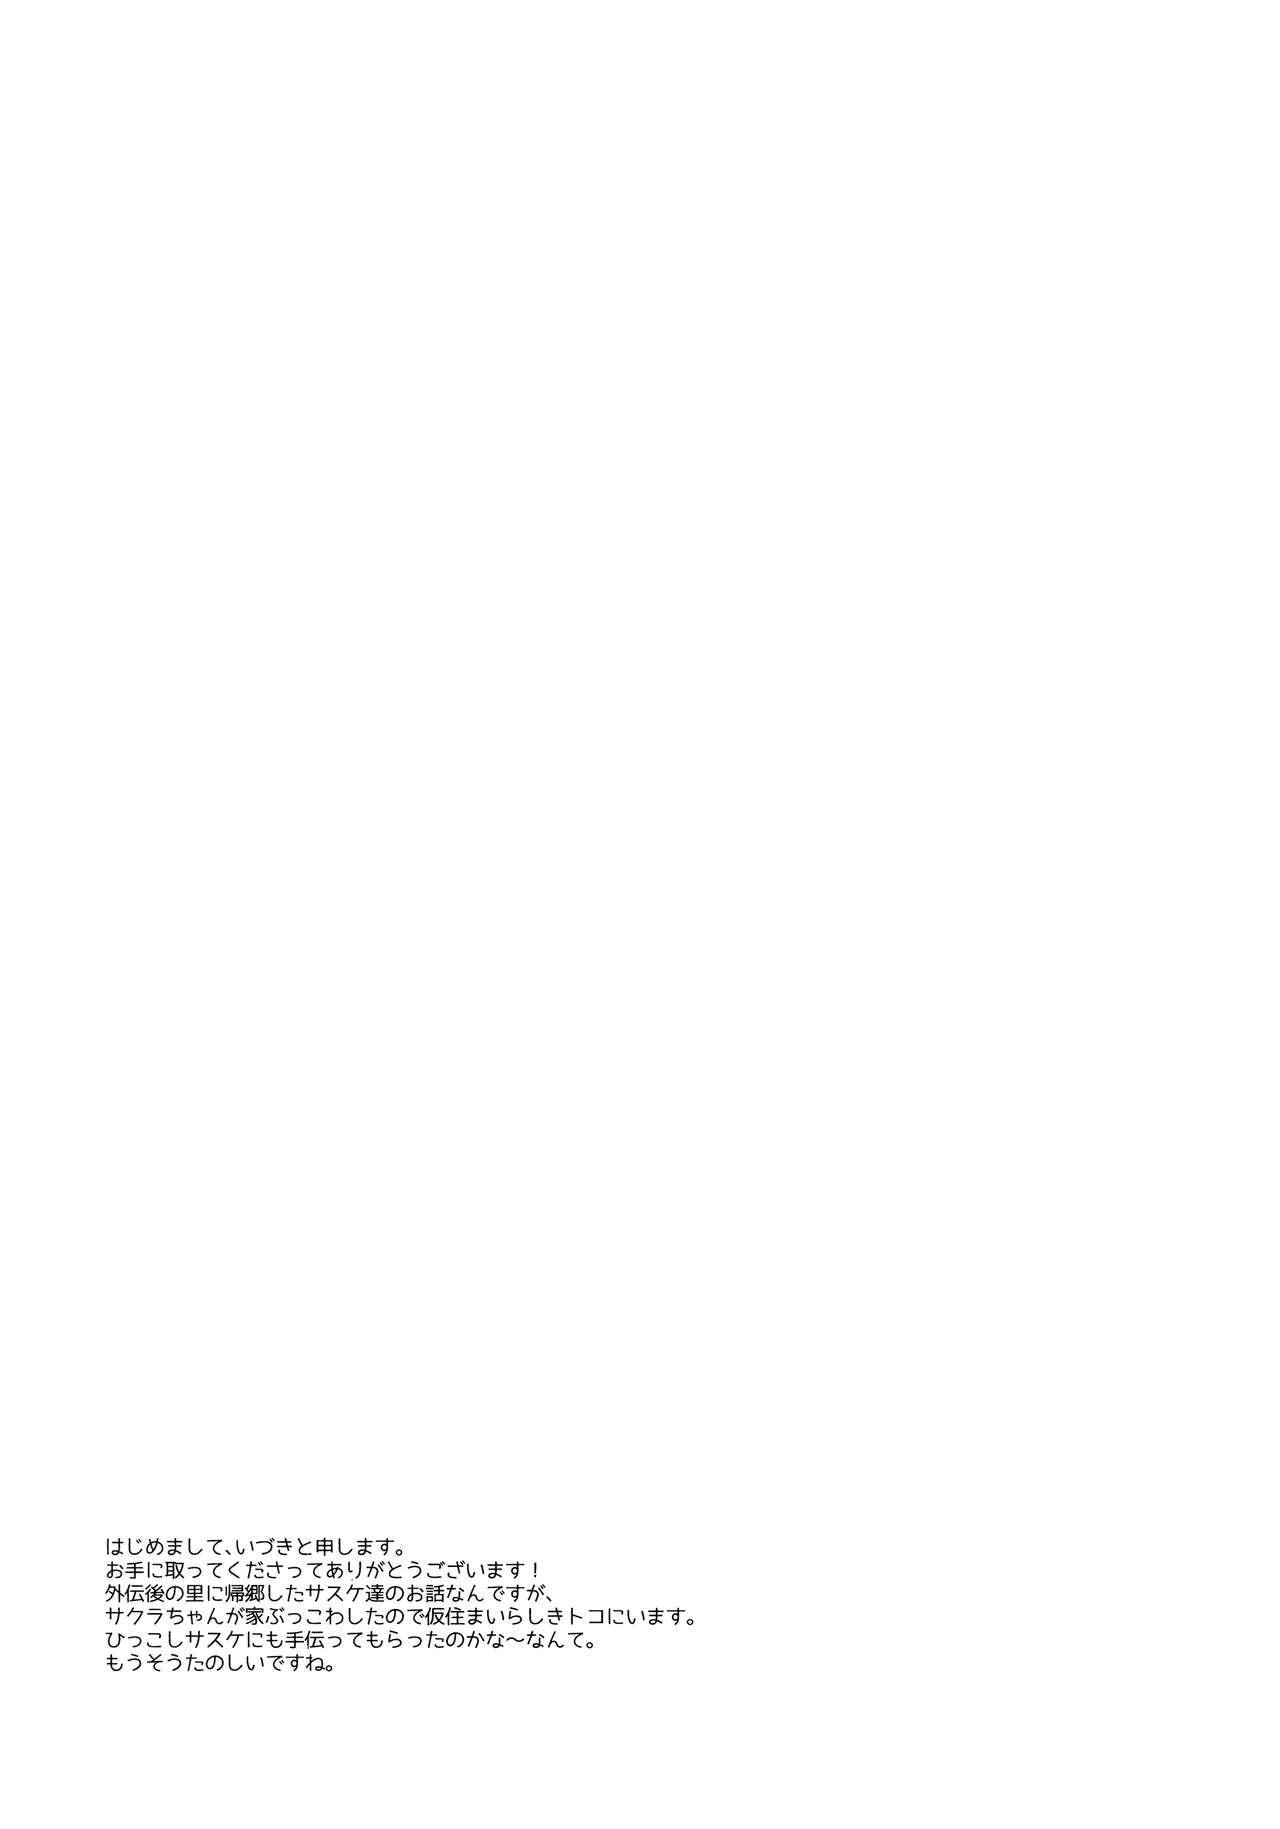 Fuufunomutsugoto | Phellodendron 2